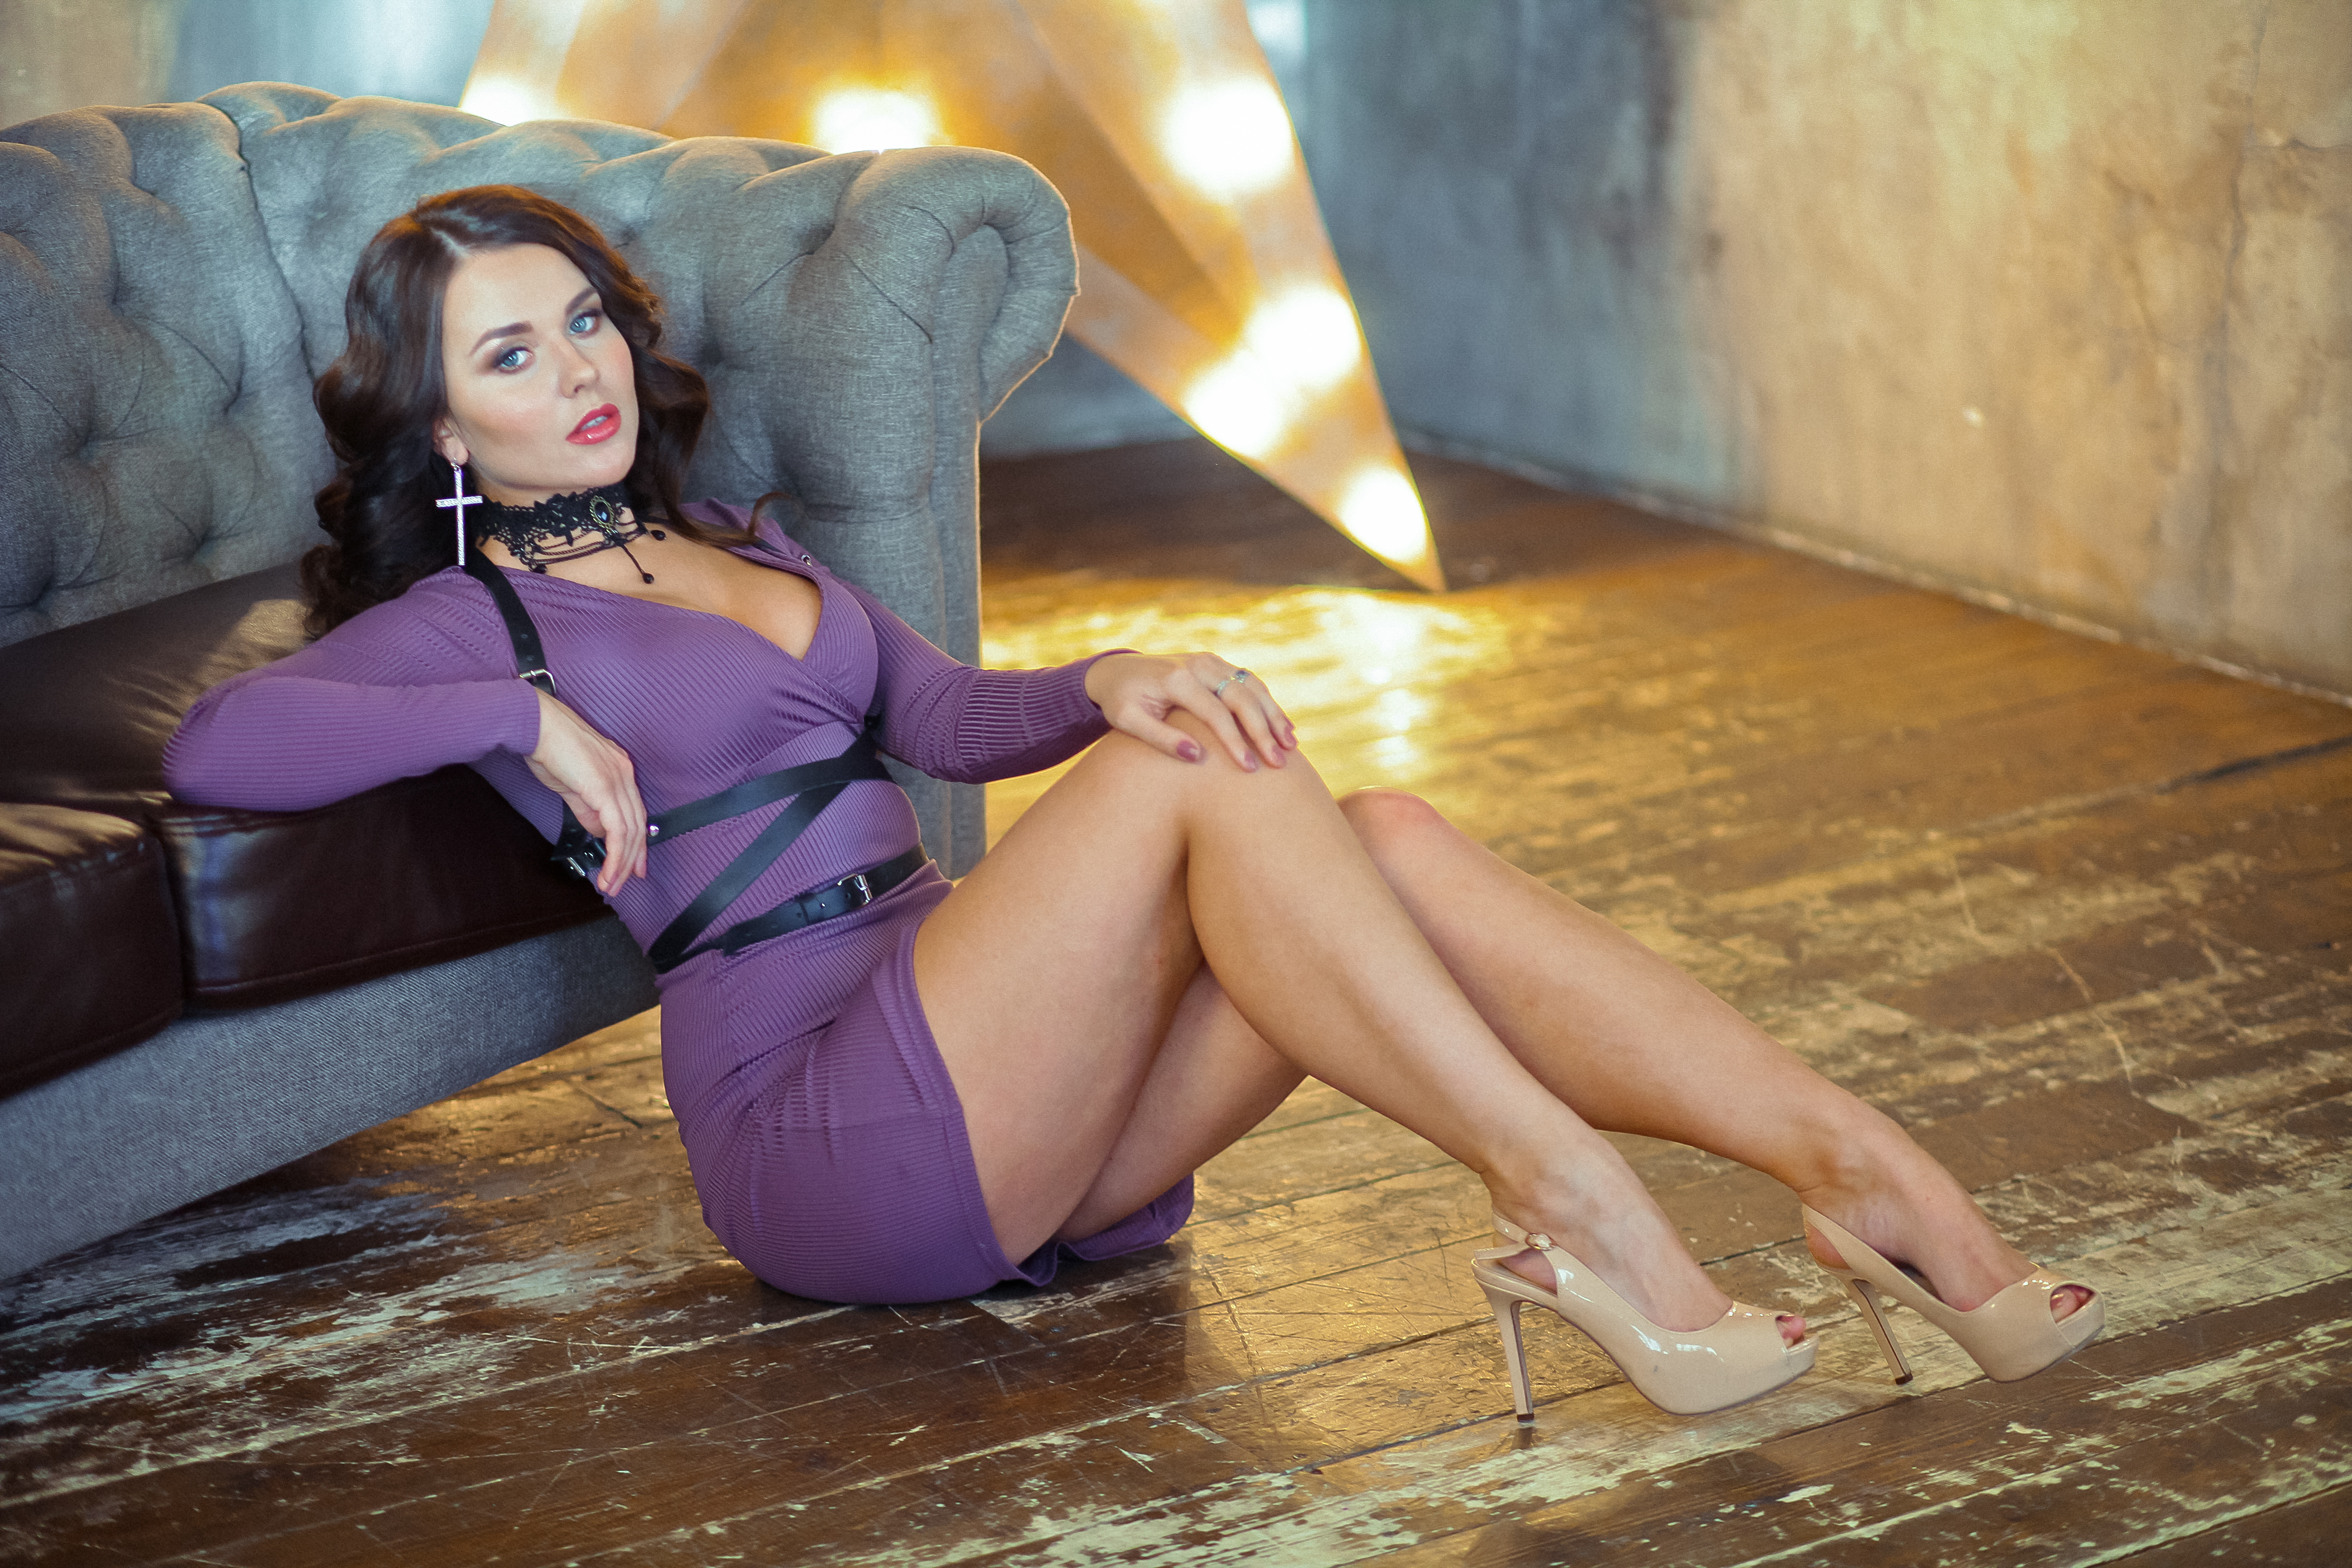 стройная брюнетка в фиолетовом платье